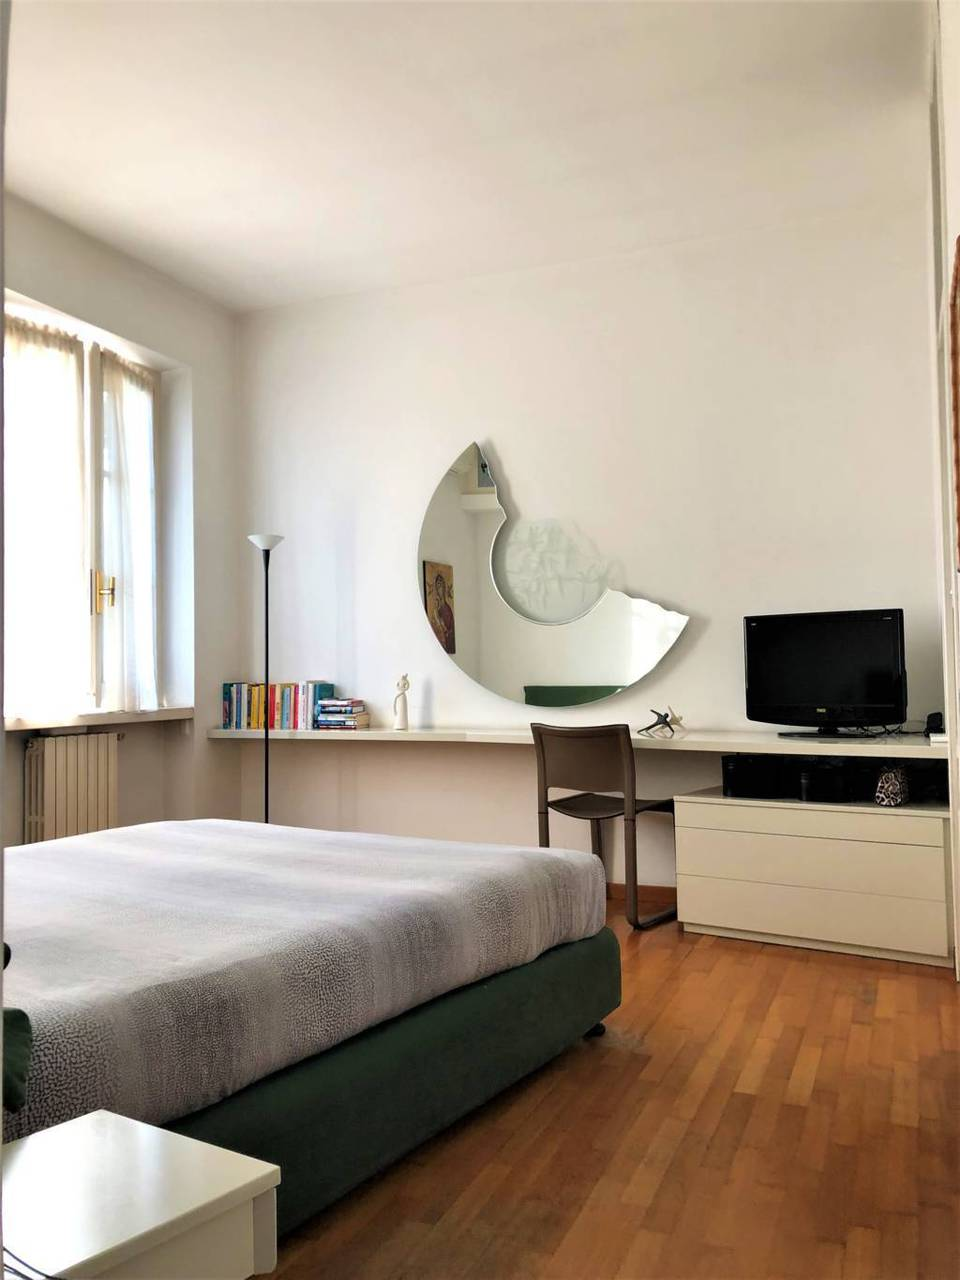 Villa-singola-in-vendita-a-Vimercate-Oreno-15